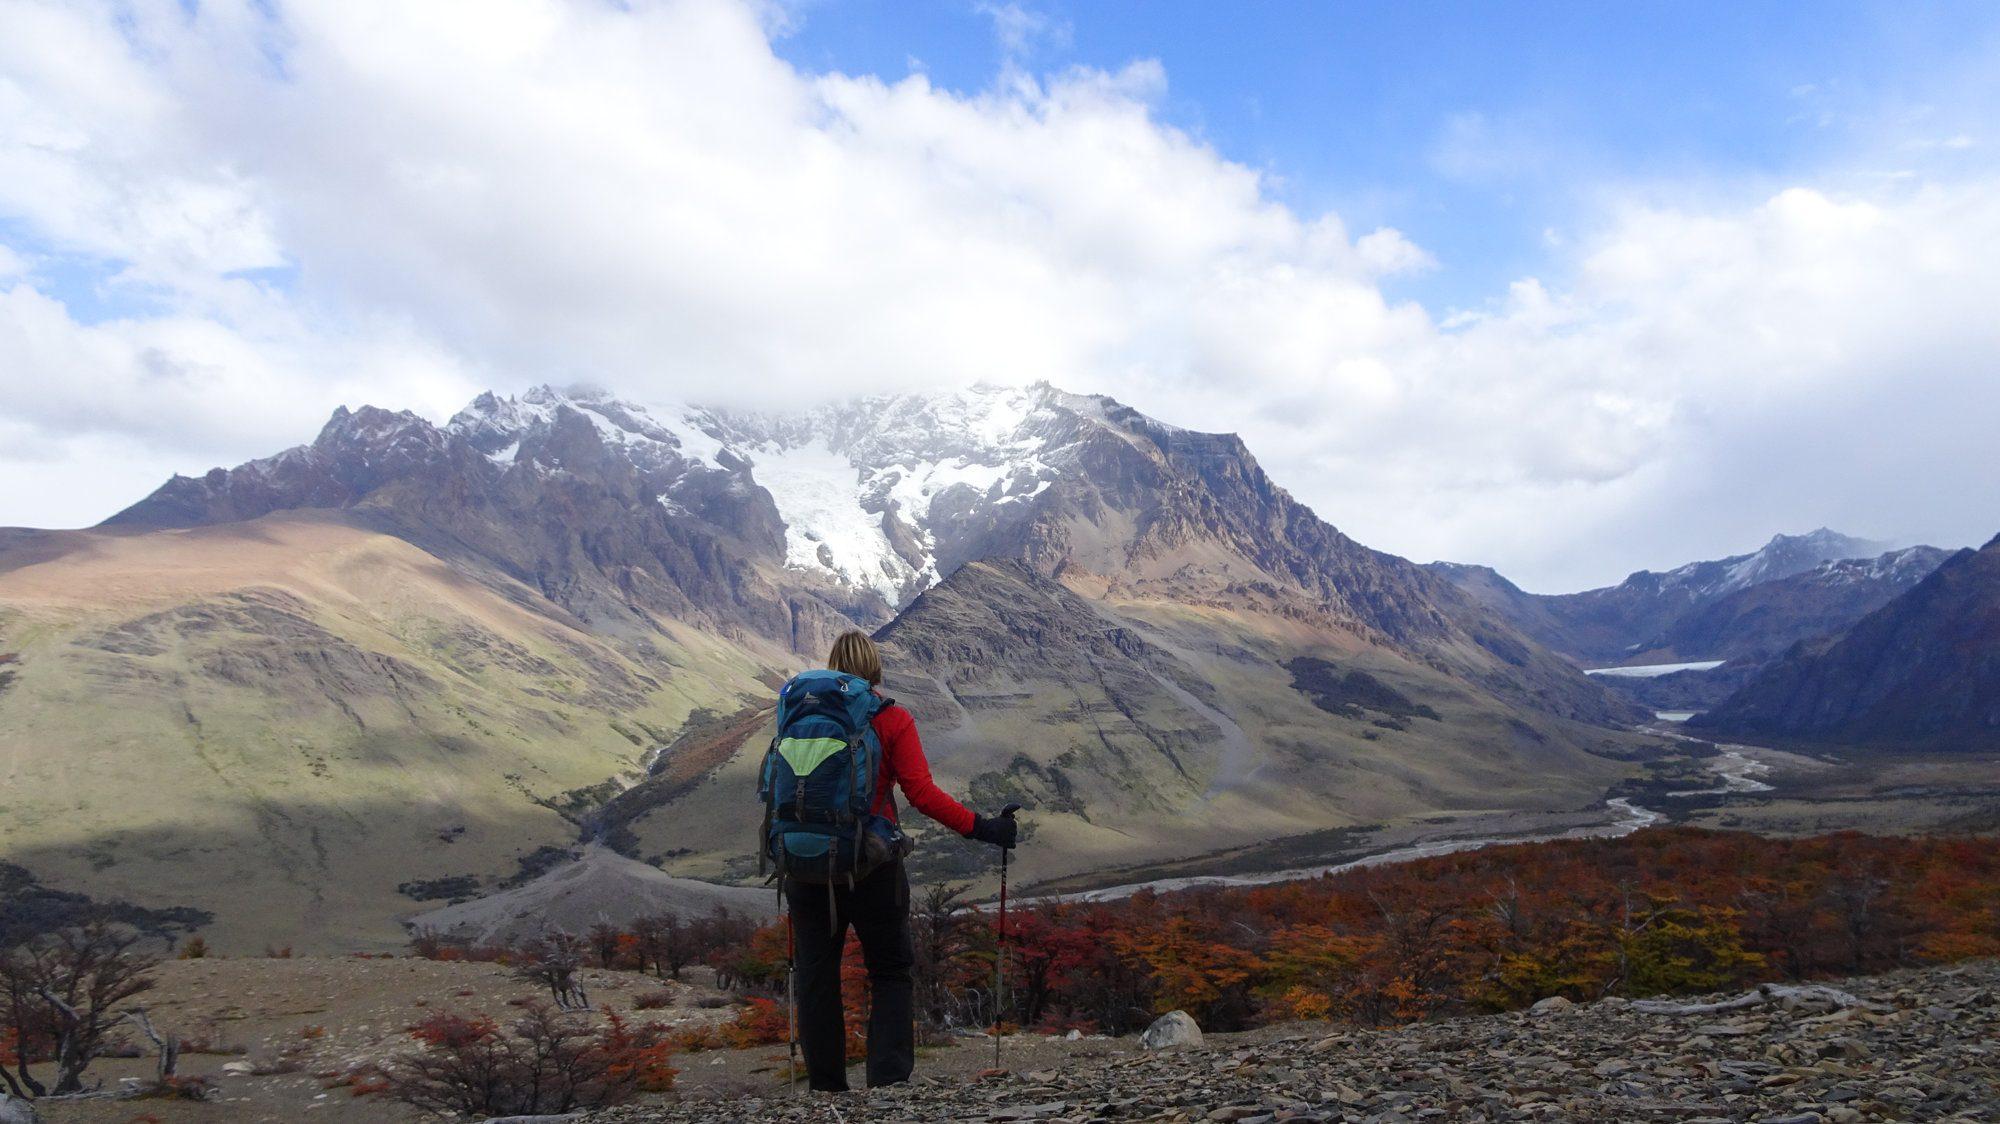 Huemul Berg, El Chaltén, Patagonien, Argentinien, Wanderung, Trekking